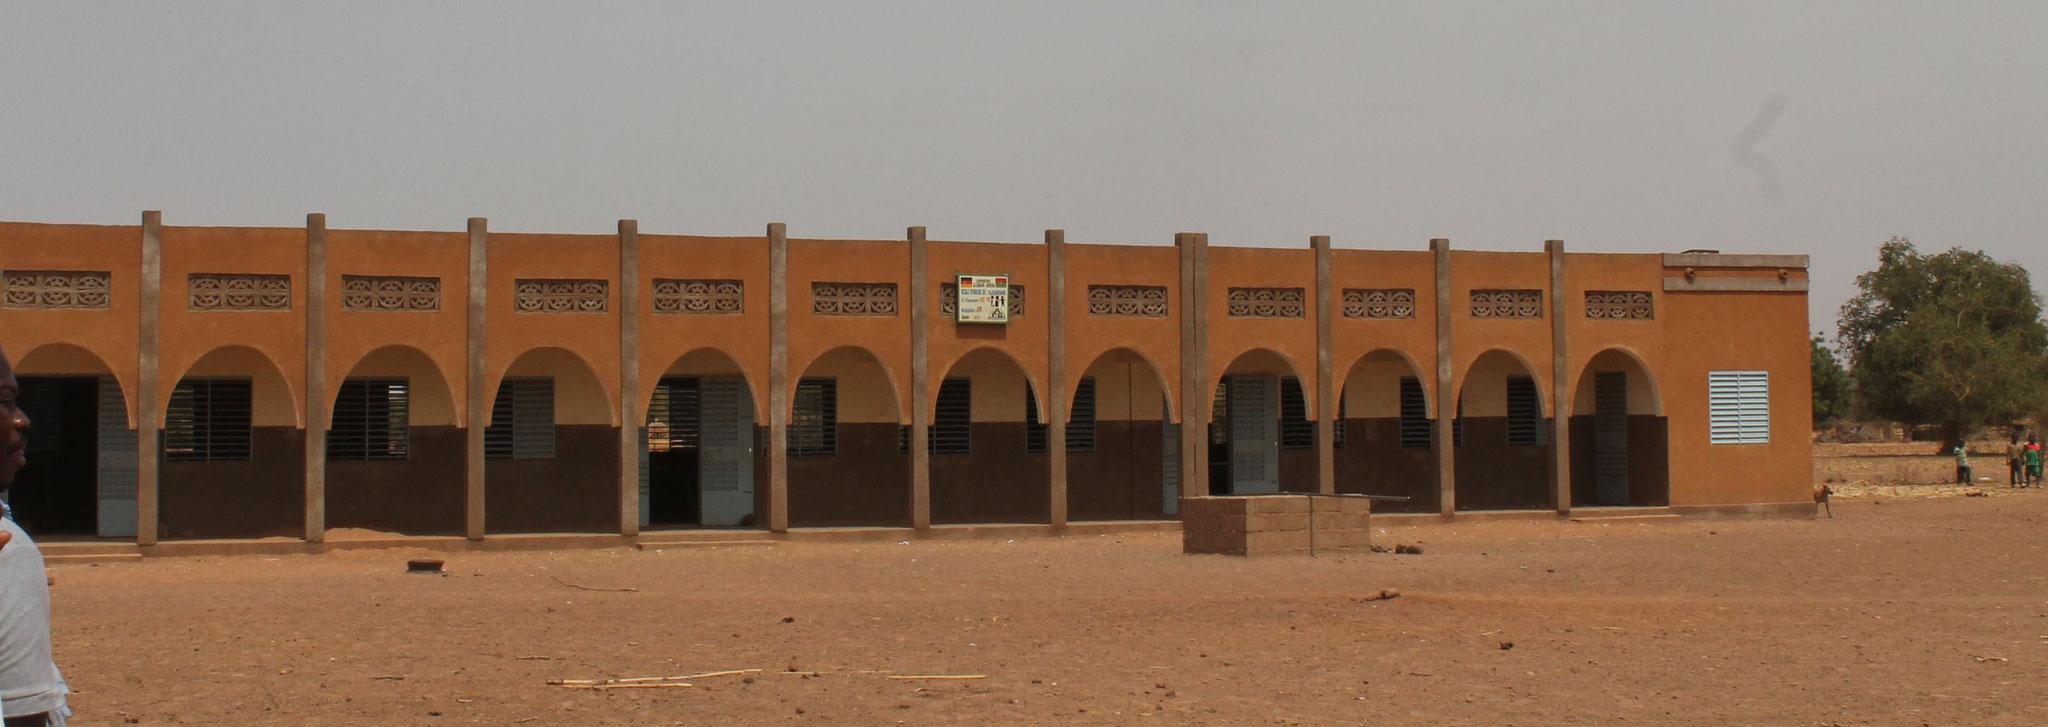 Schule Djoaboani